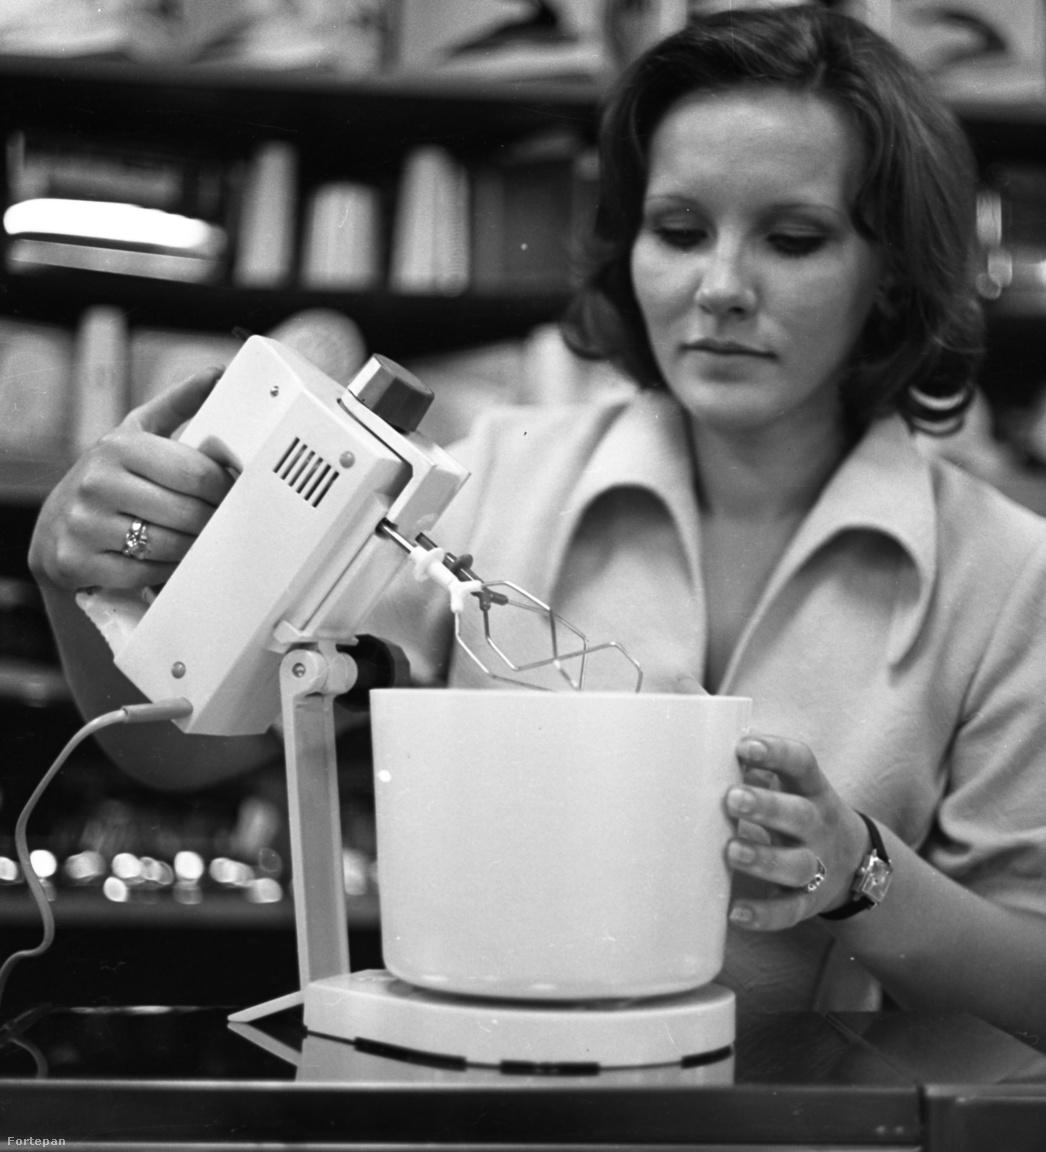 1977: és igen, megérkezett! A legendás NDK turmixgép, az RG-28 bemutatója a háztartási kisgép osztályon, a Corvin Áruház bevásárlóközpontban. A képen a keverőtálas habverő funkcióját szemlélteti egy áruházi dolgozó.